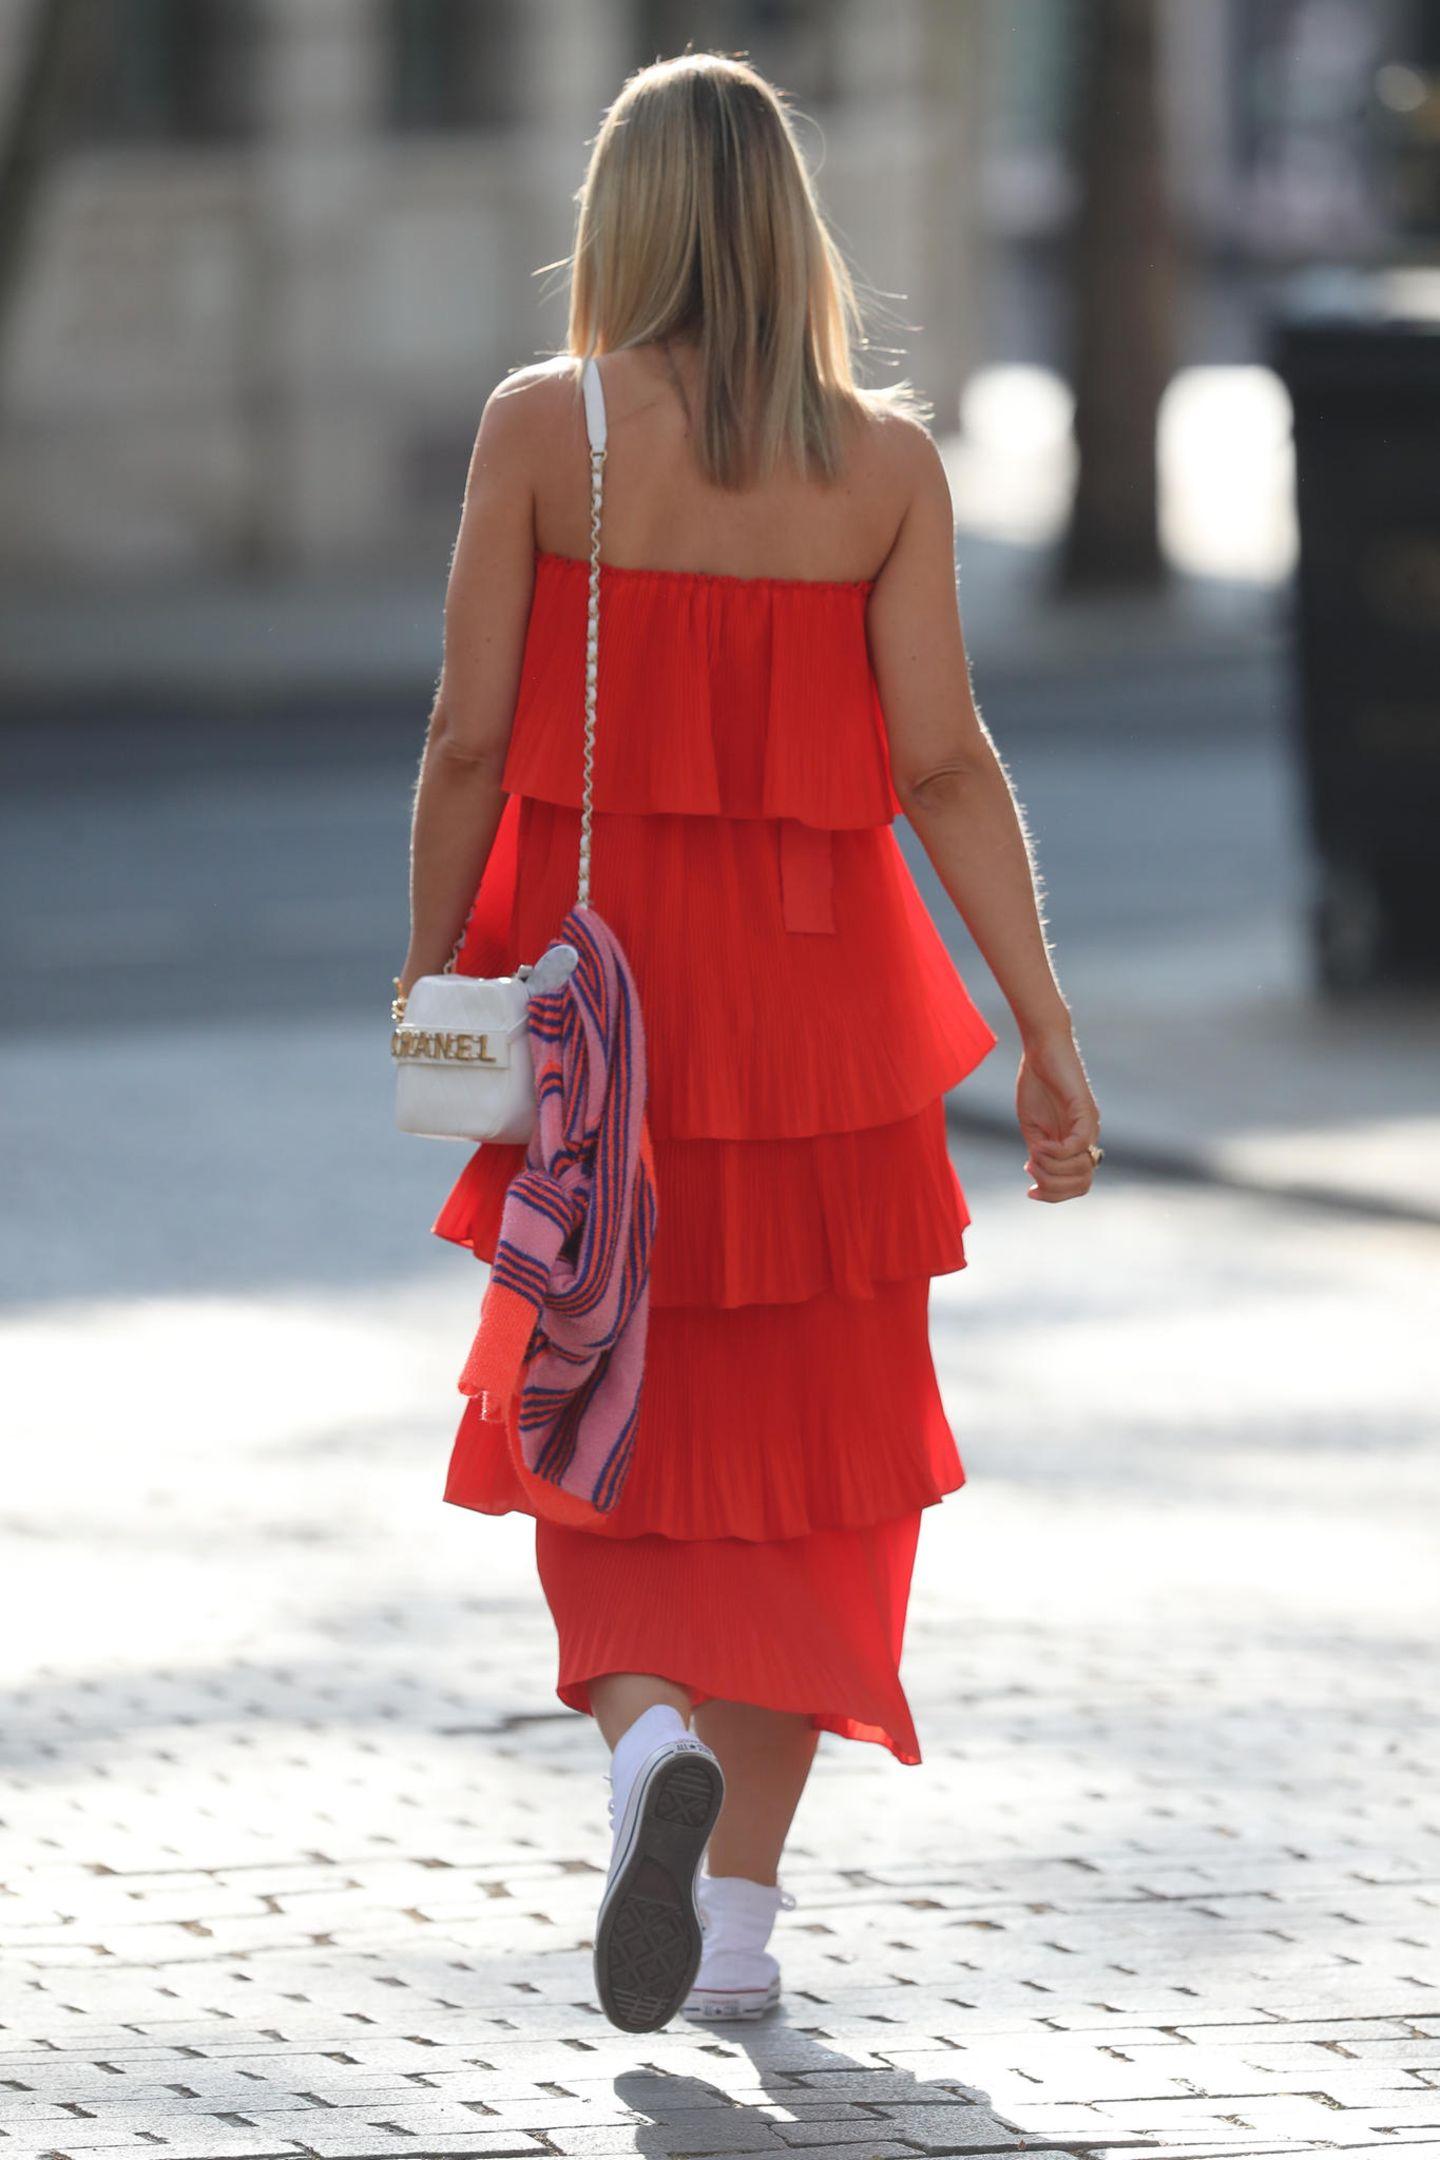 … eine kleine Handtasche von Chanel. Den Trick, Günstig-Styles mit teuren Labels zu mixen, hat sich die Schwägerin von Pippa Middleton vielleicht ja sogar bei den Royals abgeguckt.